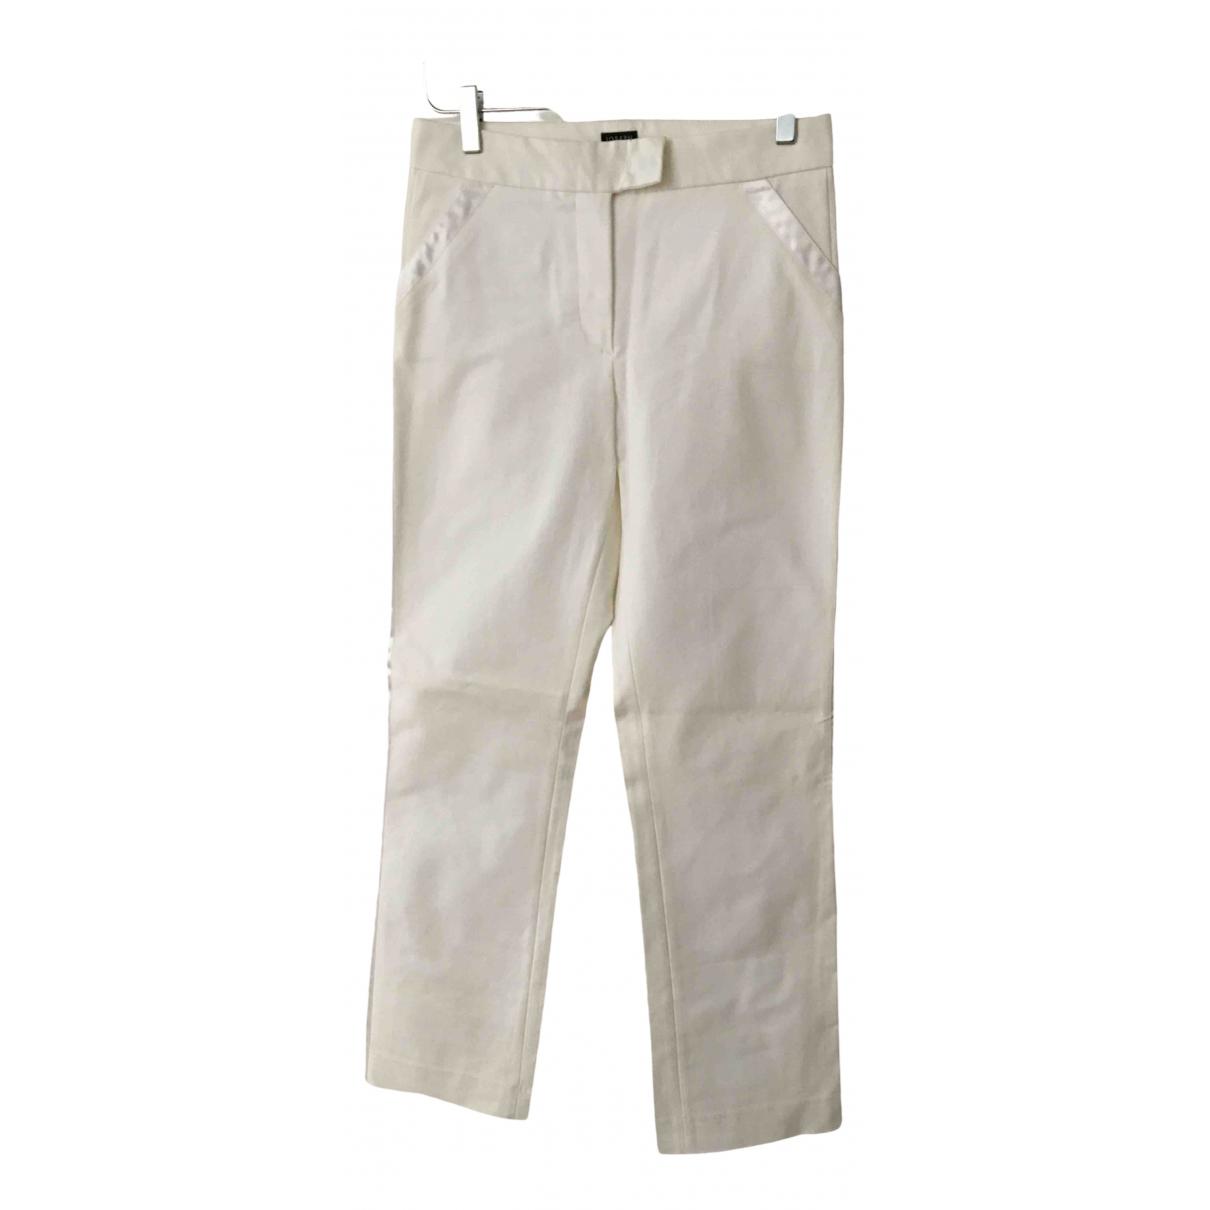 Pantalon en Algodon Blanco Joseph